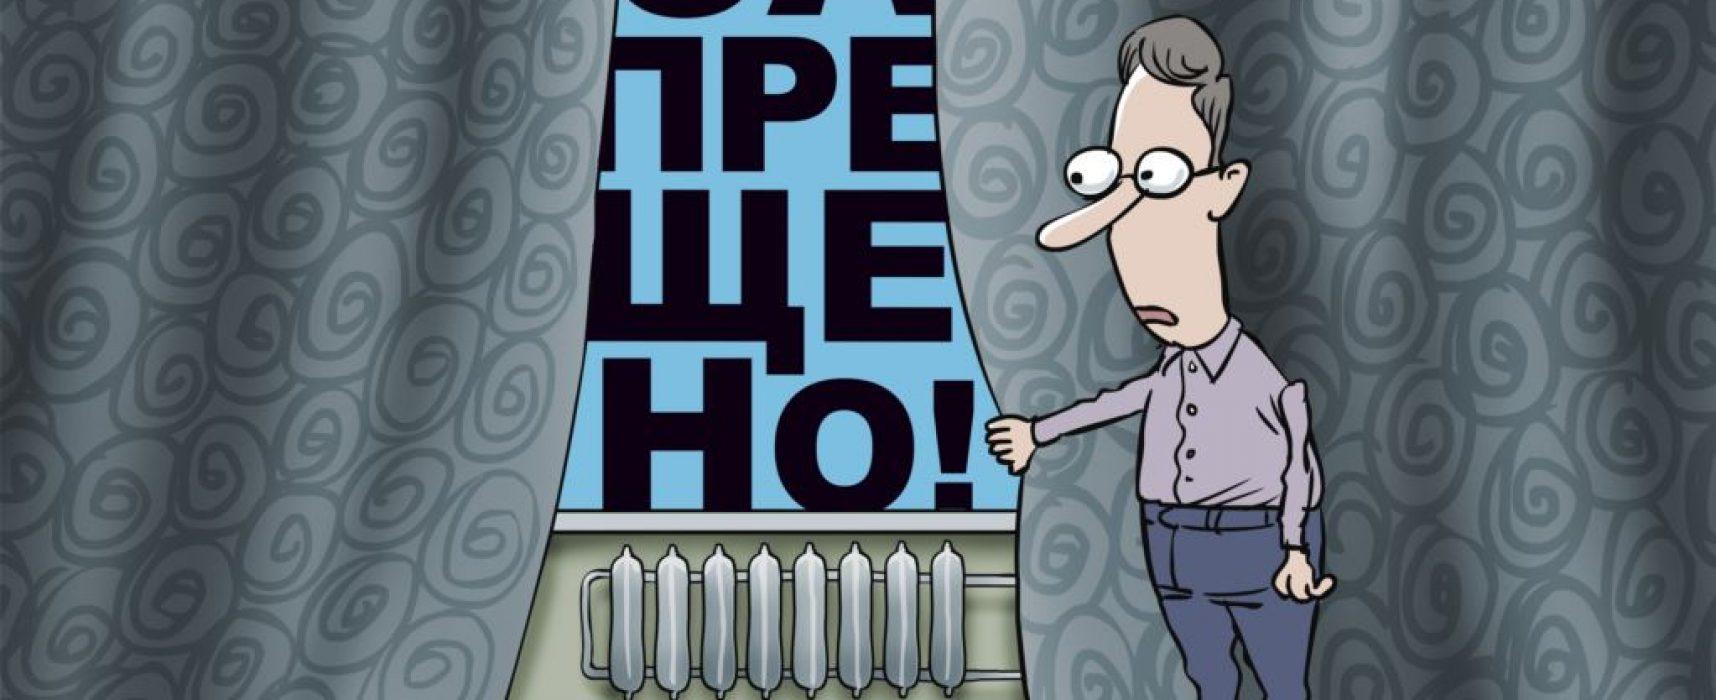 Запретом по анонимности: смогут ли крымчане обходить блокировки в Сети?